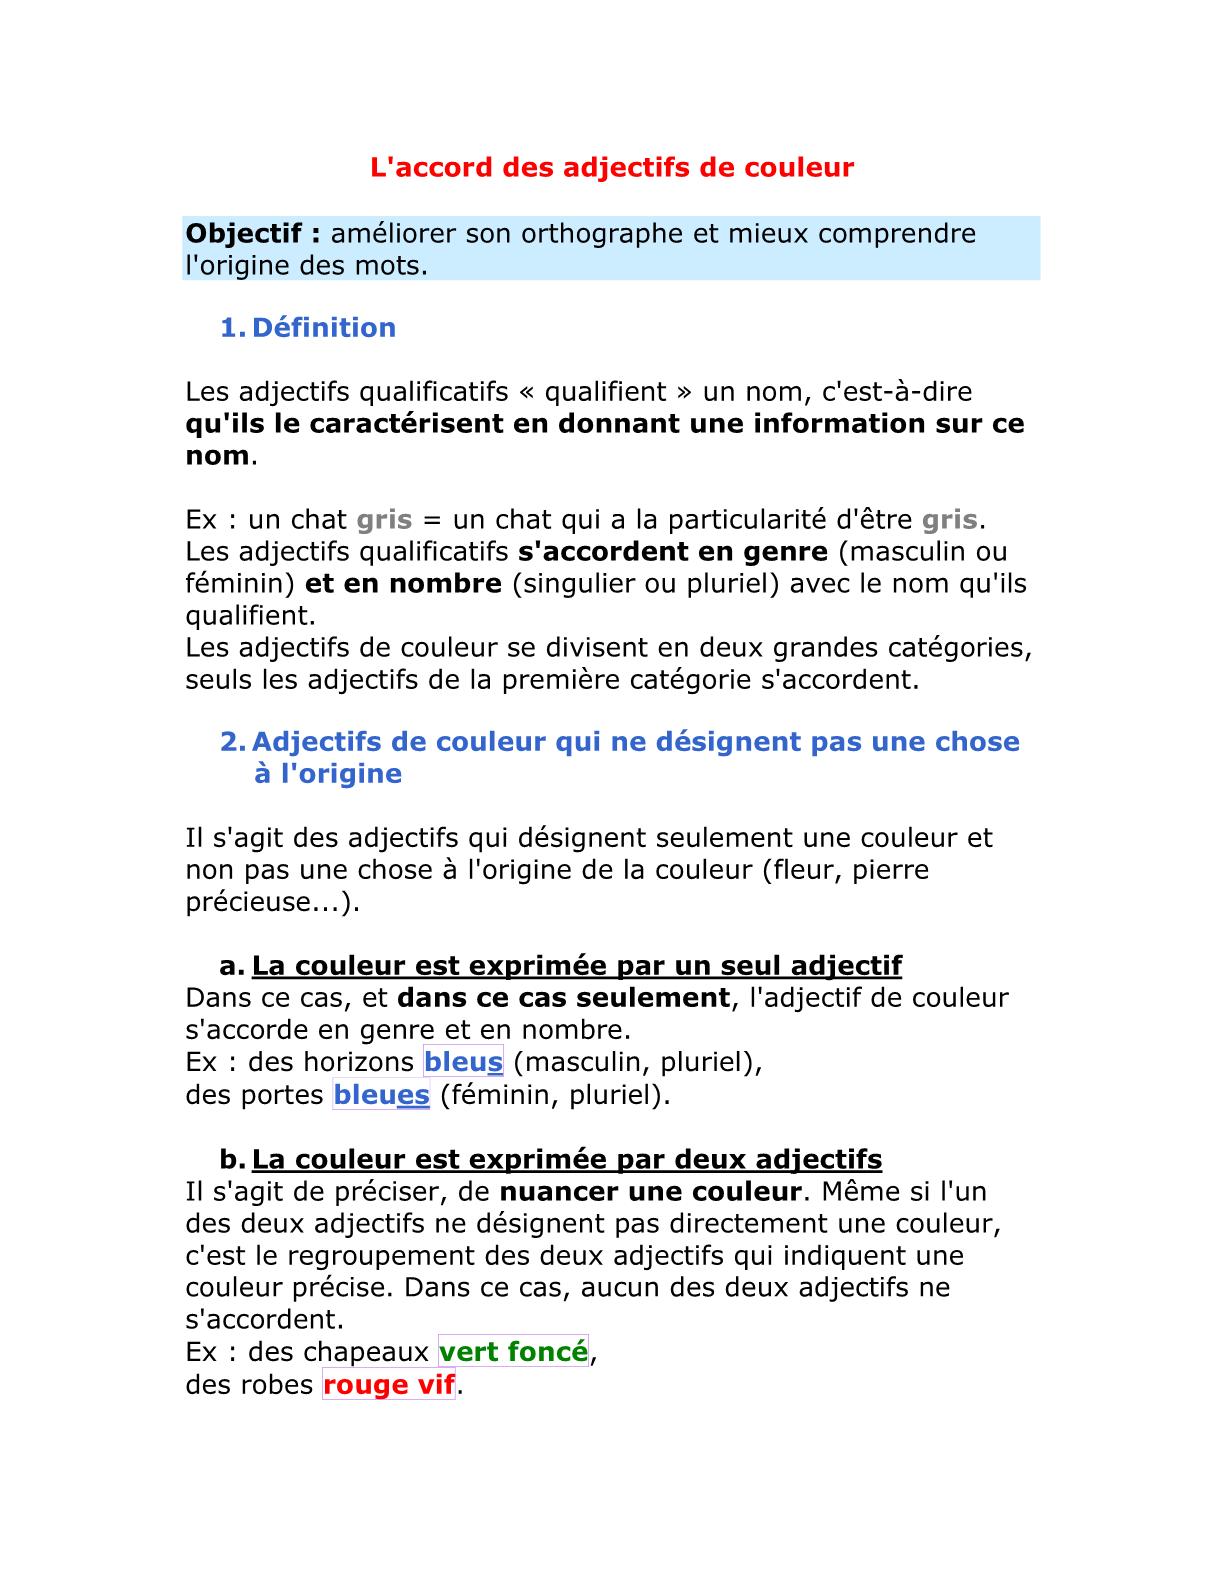 درس L'accord des adjectifs de couleur للسنة الأولى إعدادي